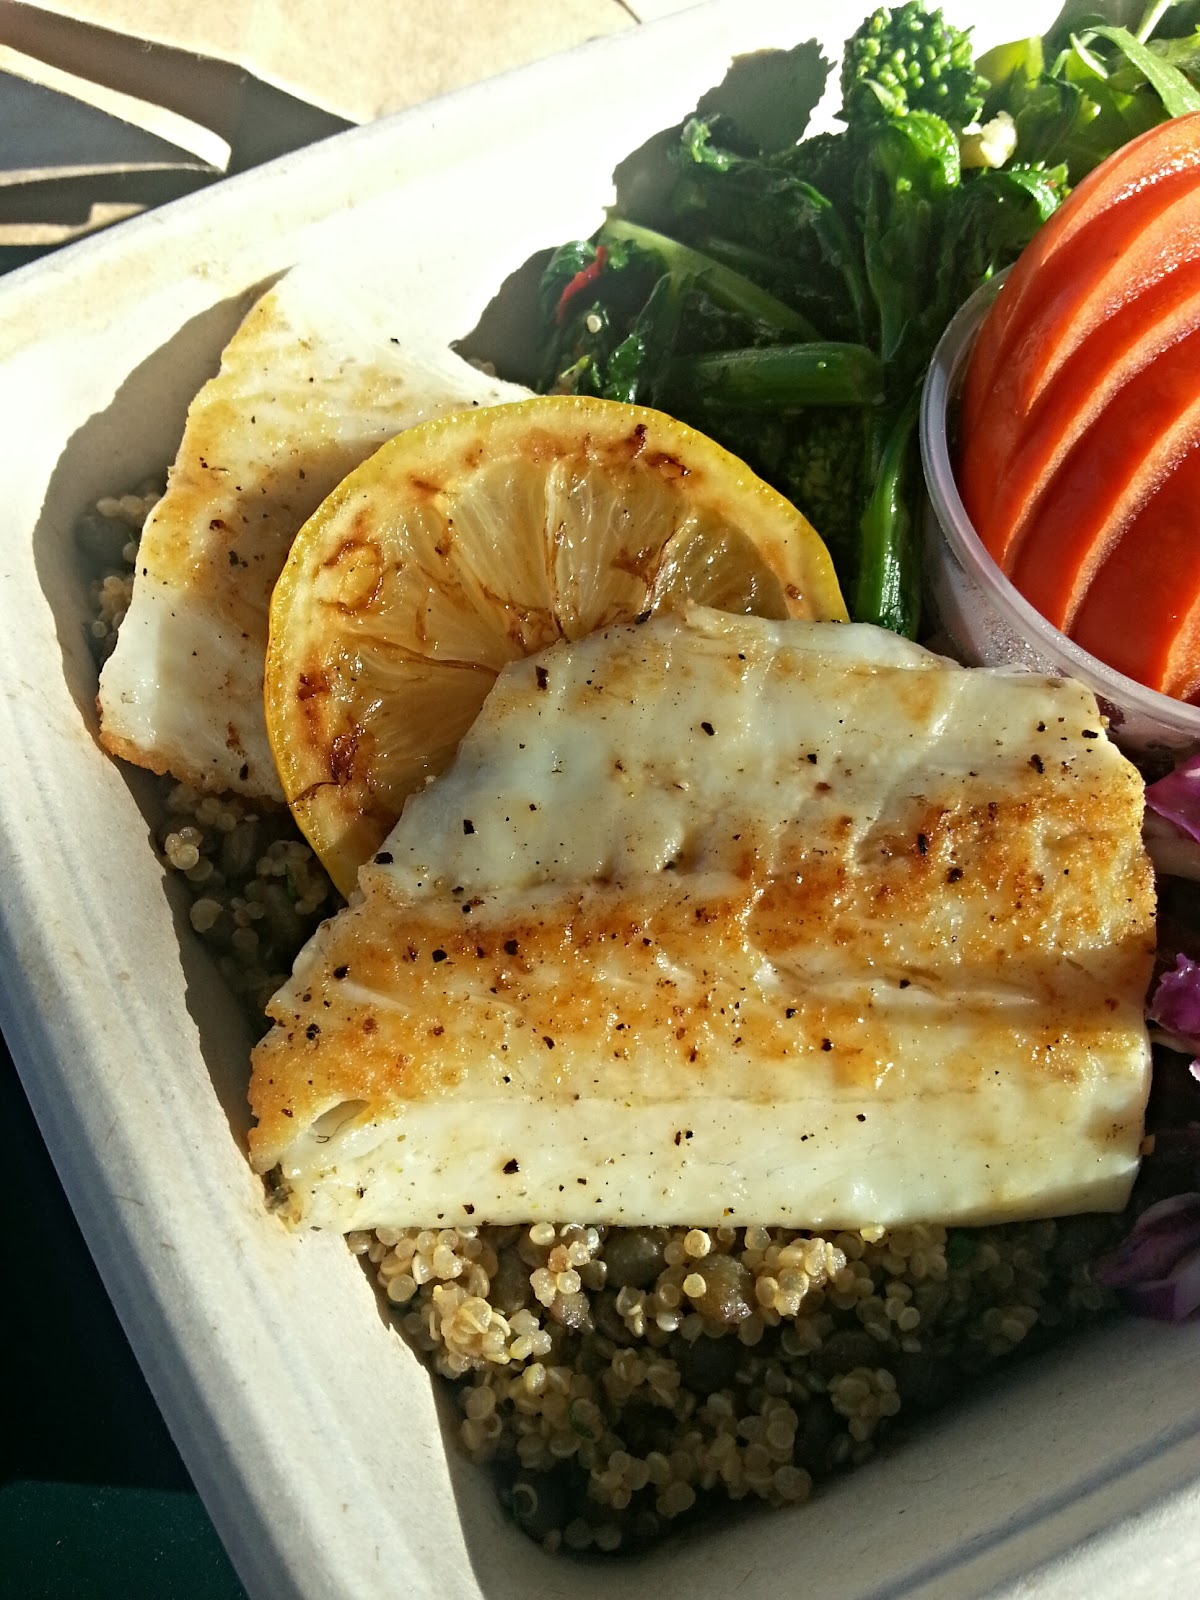 Healthy food delivery washington dc